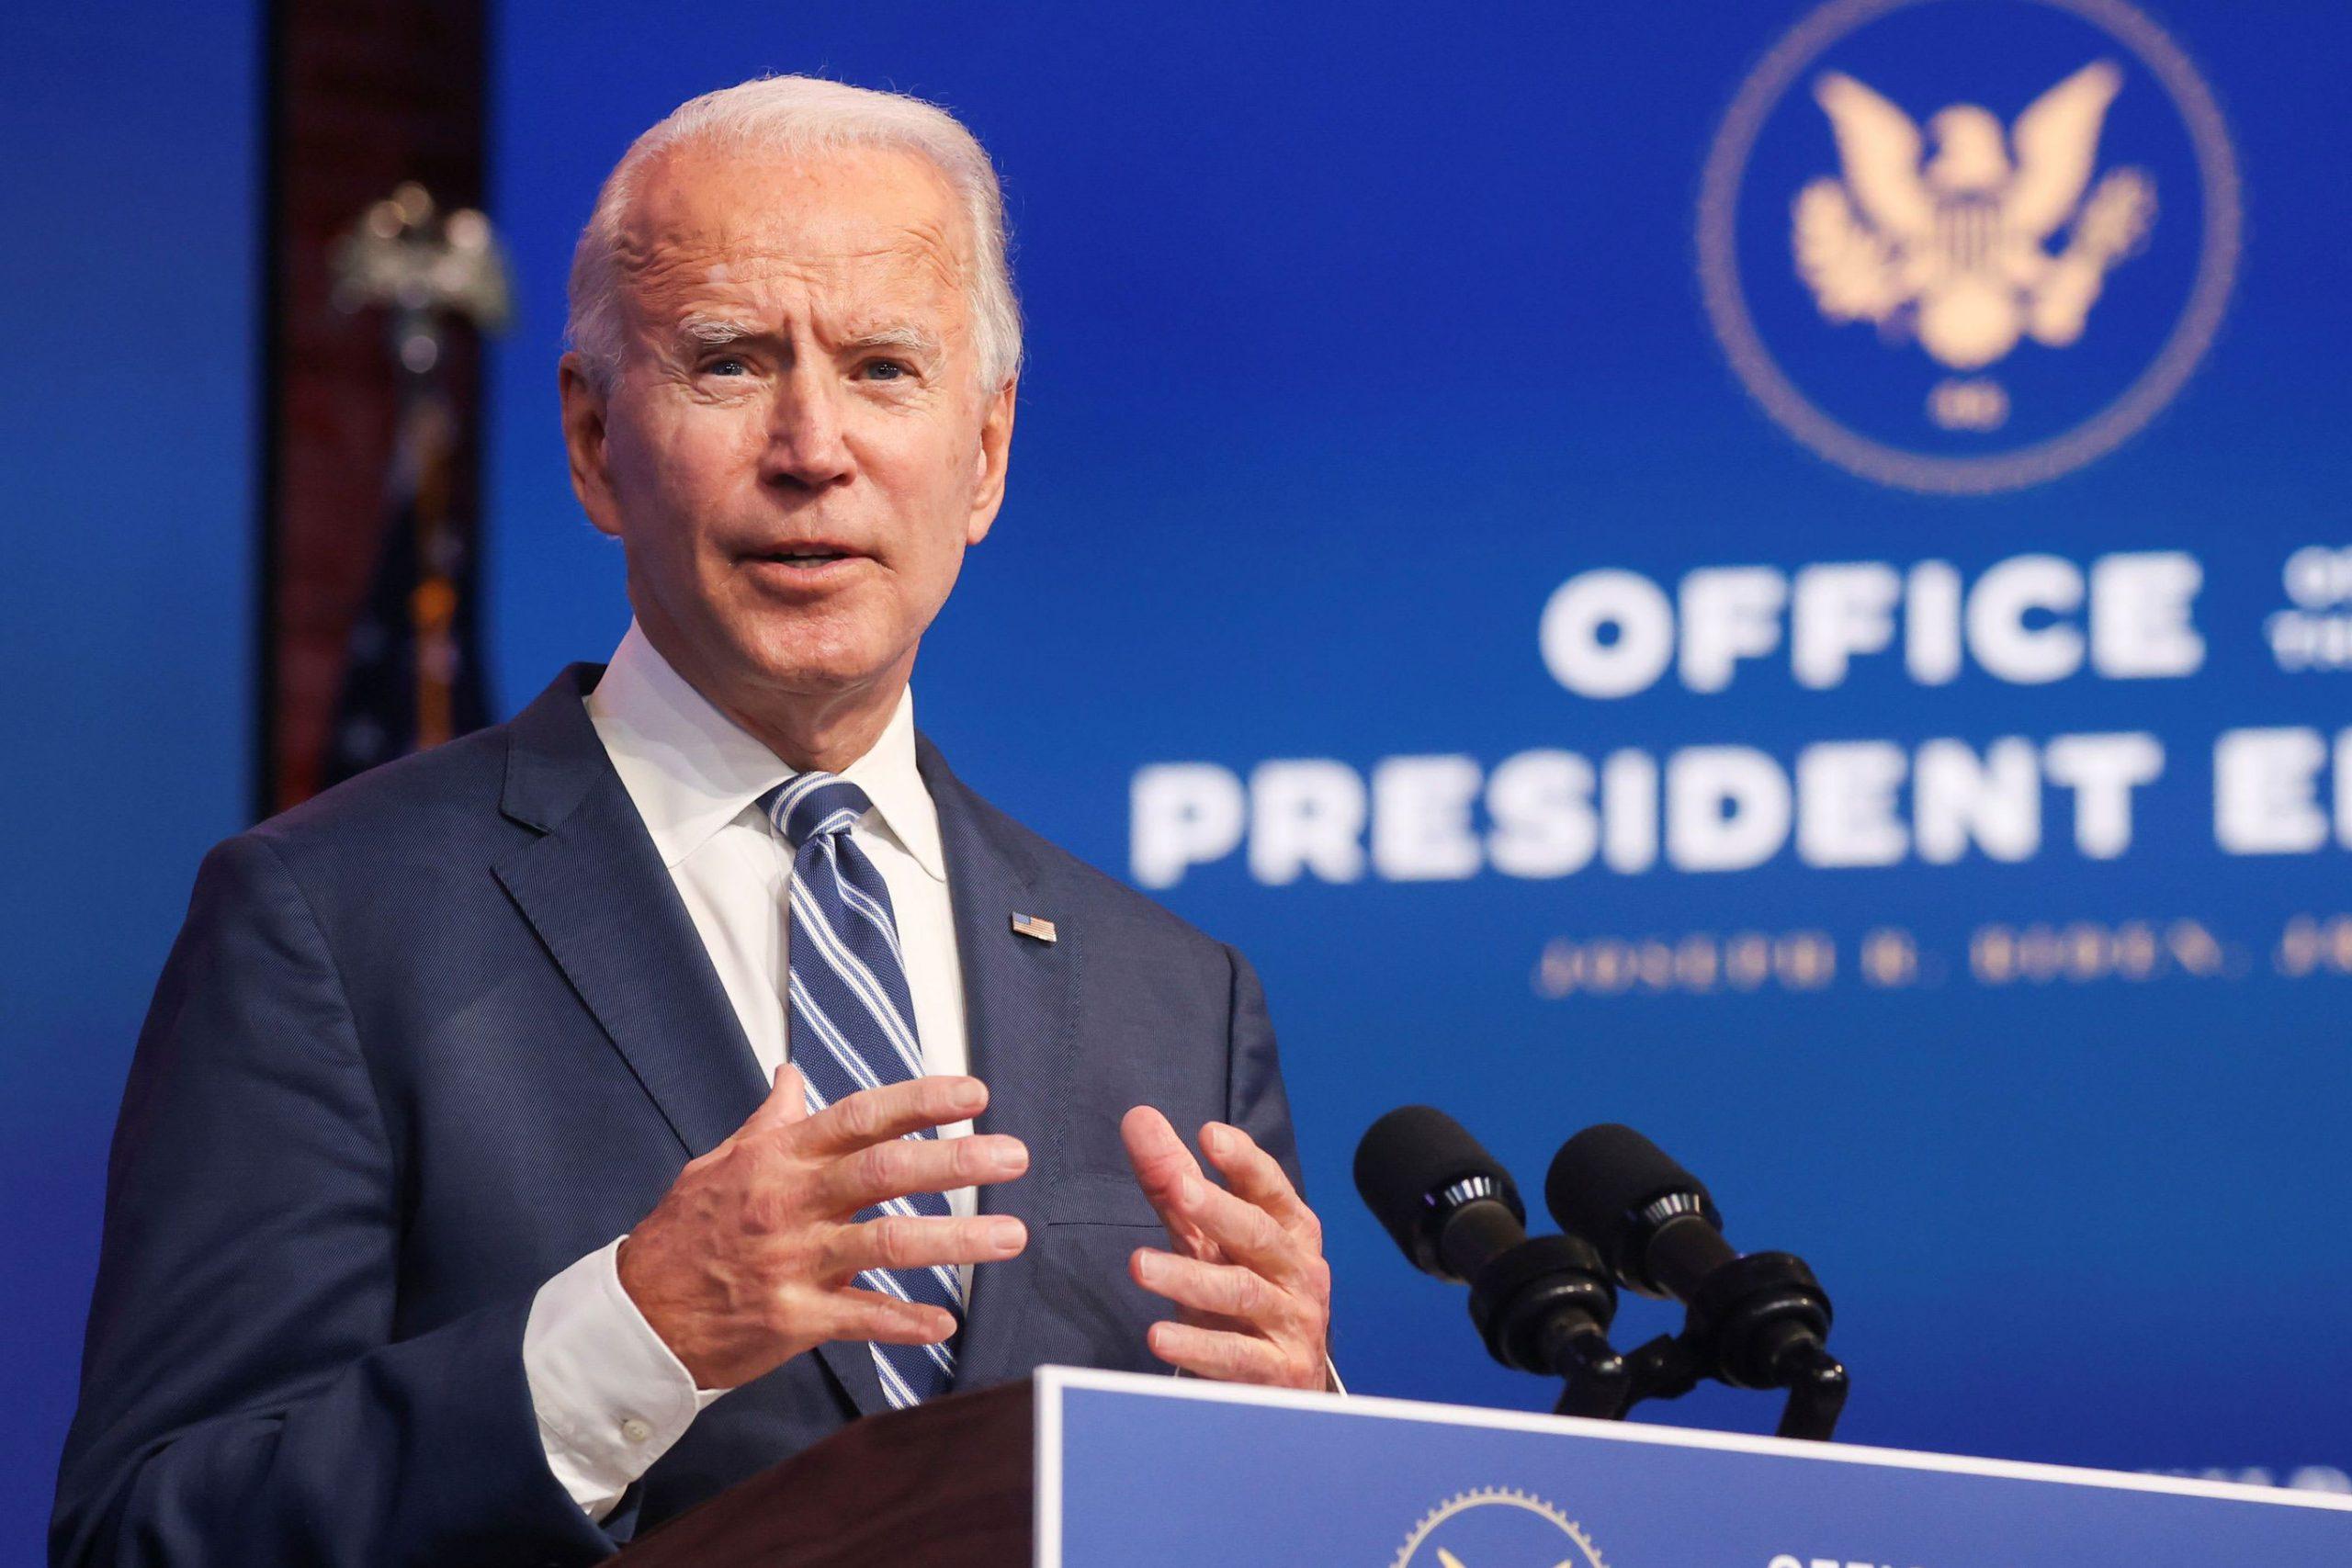 Biden Stimulus Plan: Minimum Wage, Major Relief